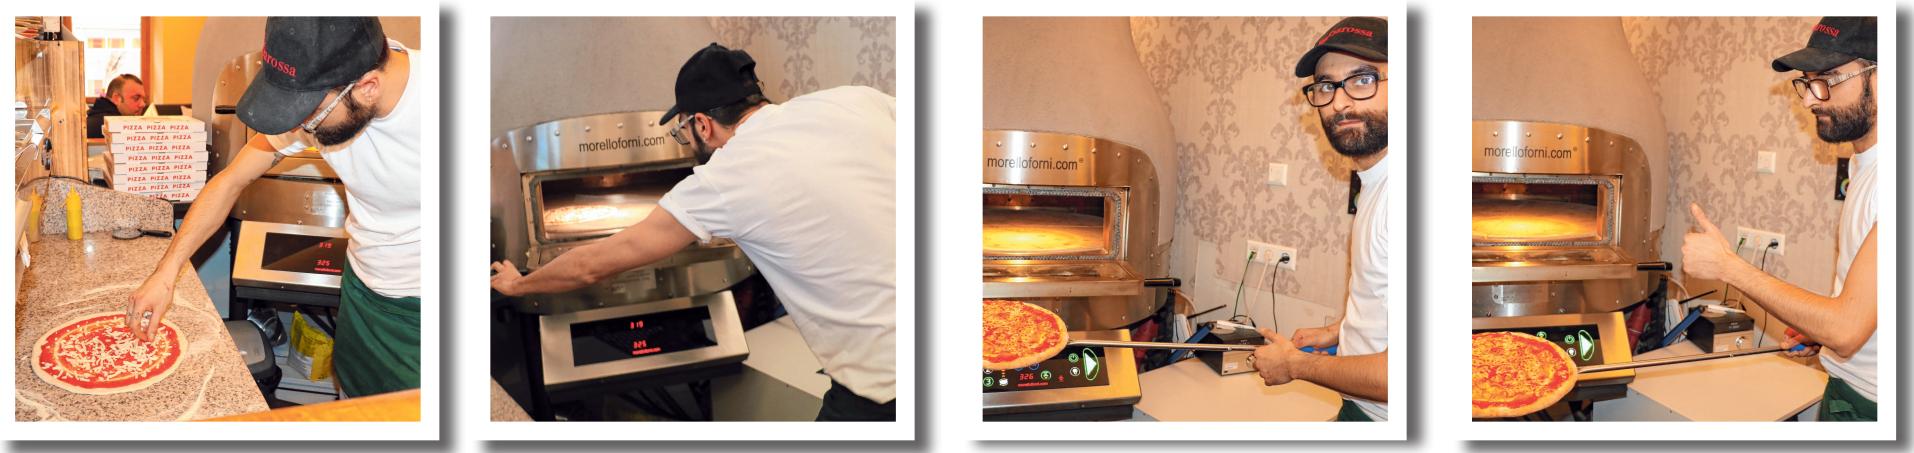 Italienische Küche in schönem Ambiente Image 2